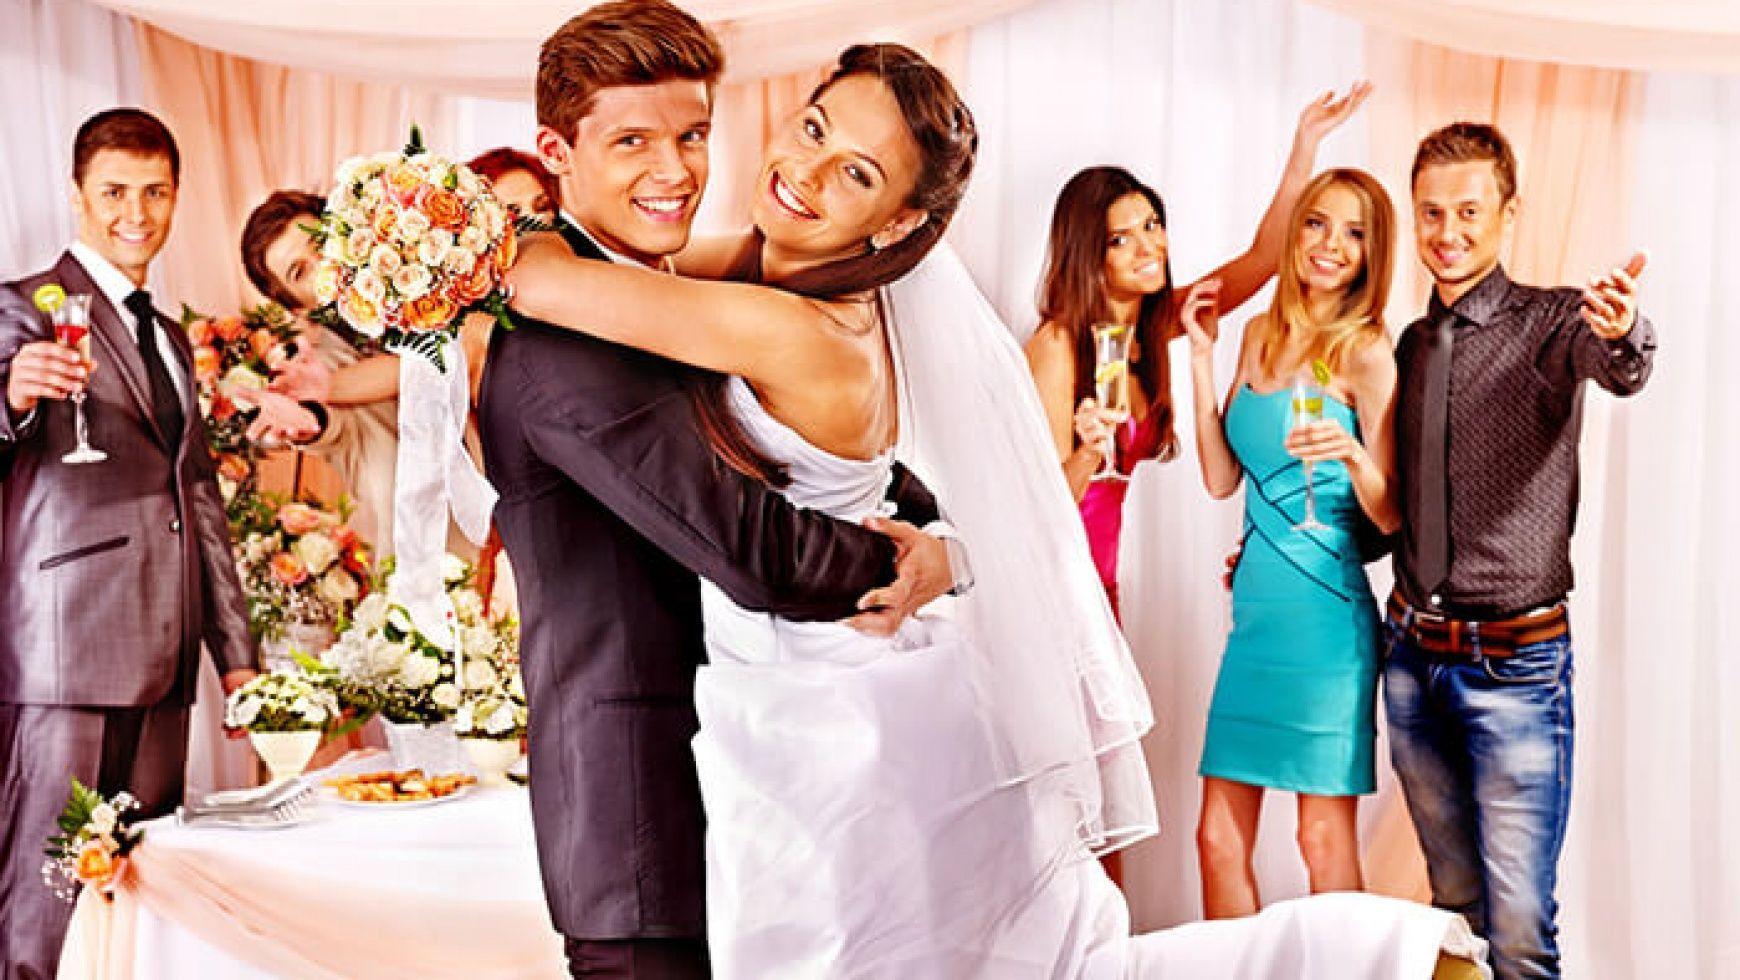 ¿Qué bailar el día de tu boda, vals u opción modernizada?